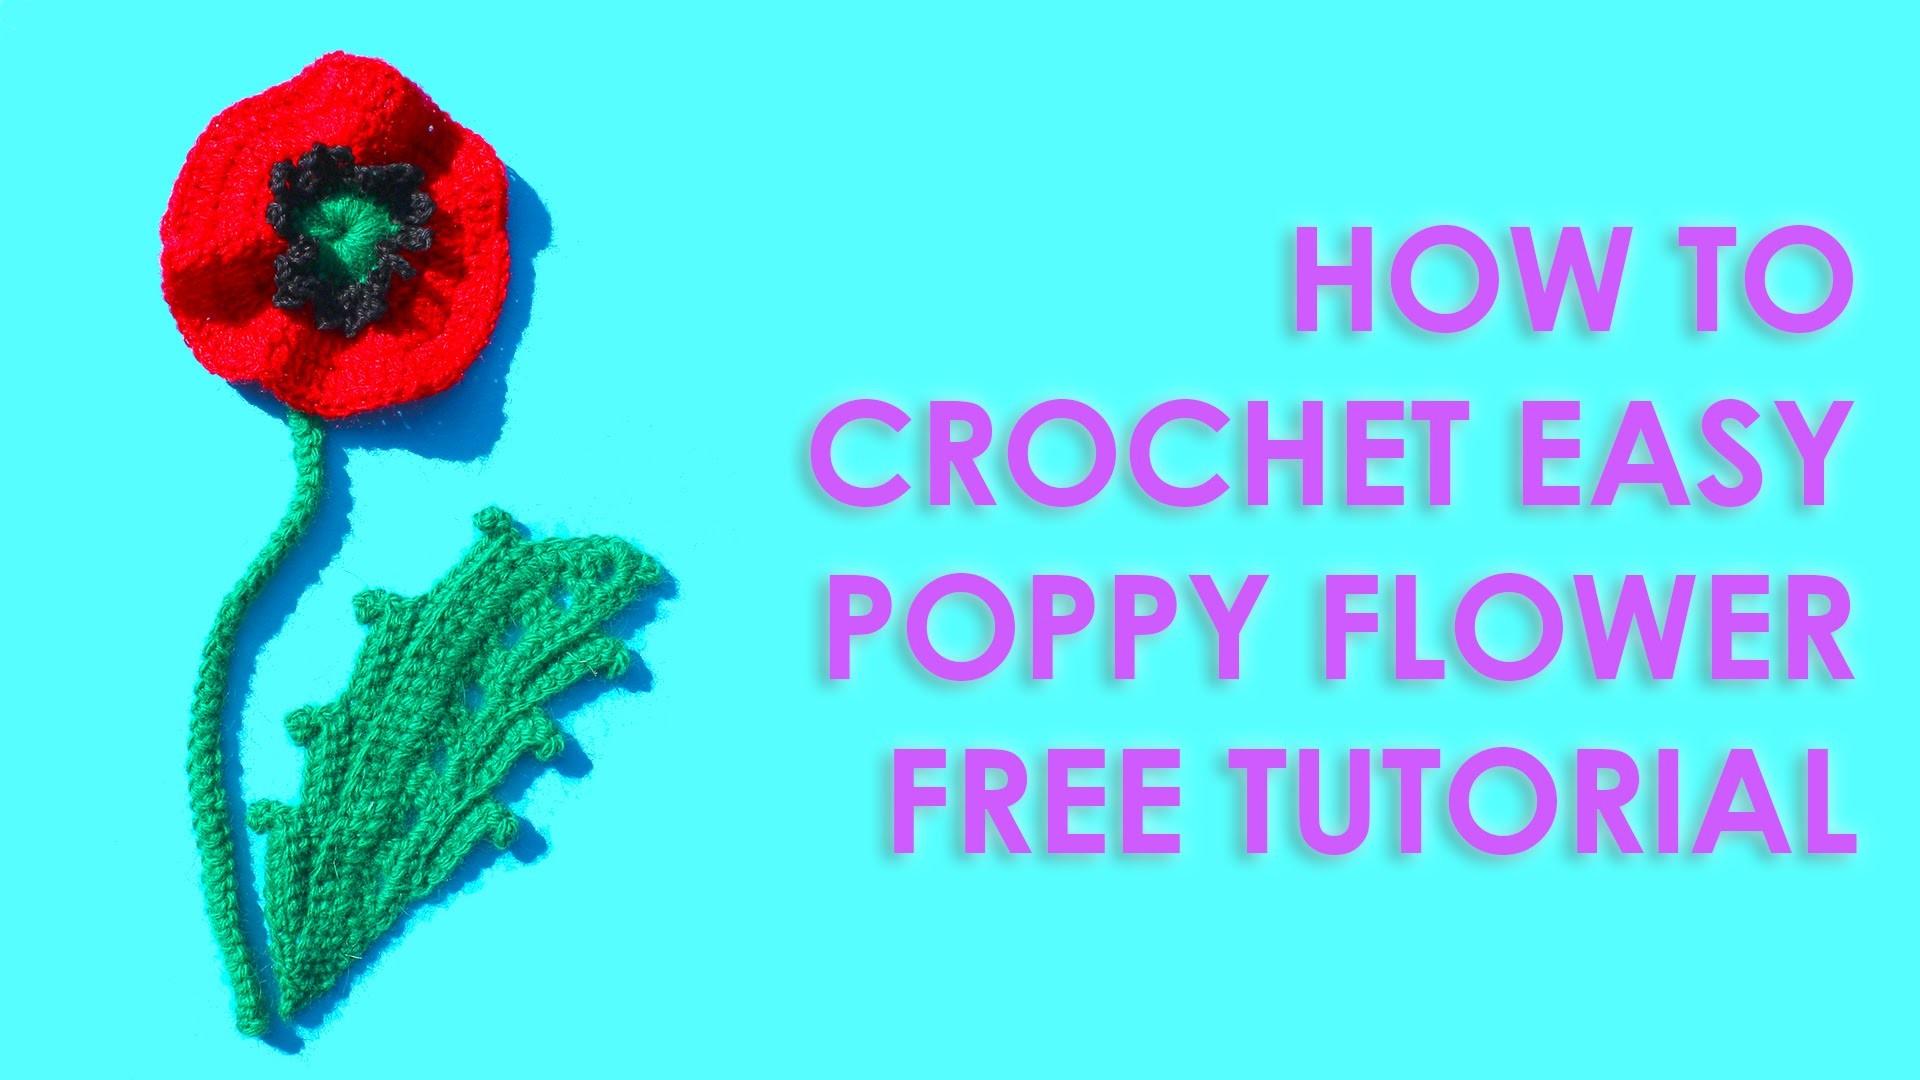 How to crochet easy poppy flower free tutorial mightylinksfo